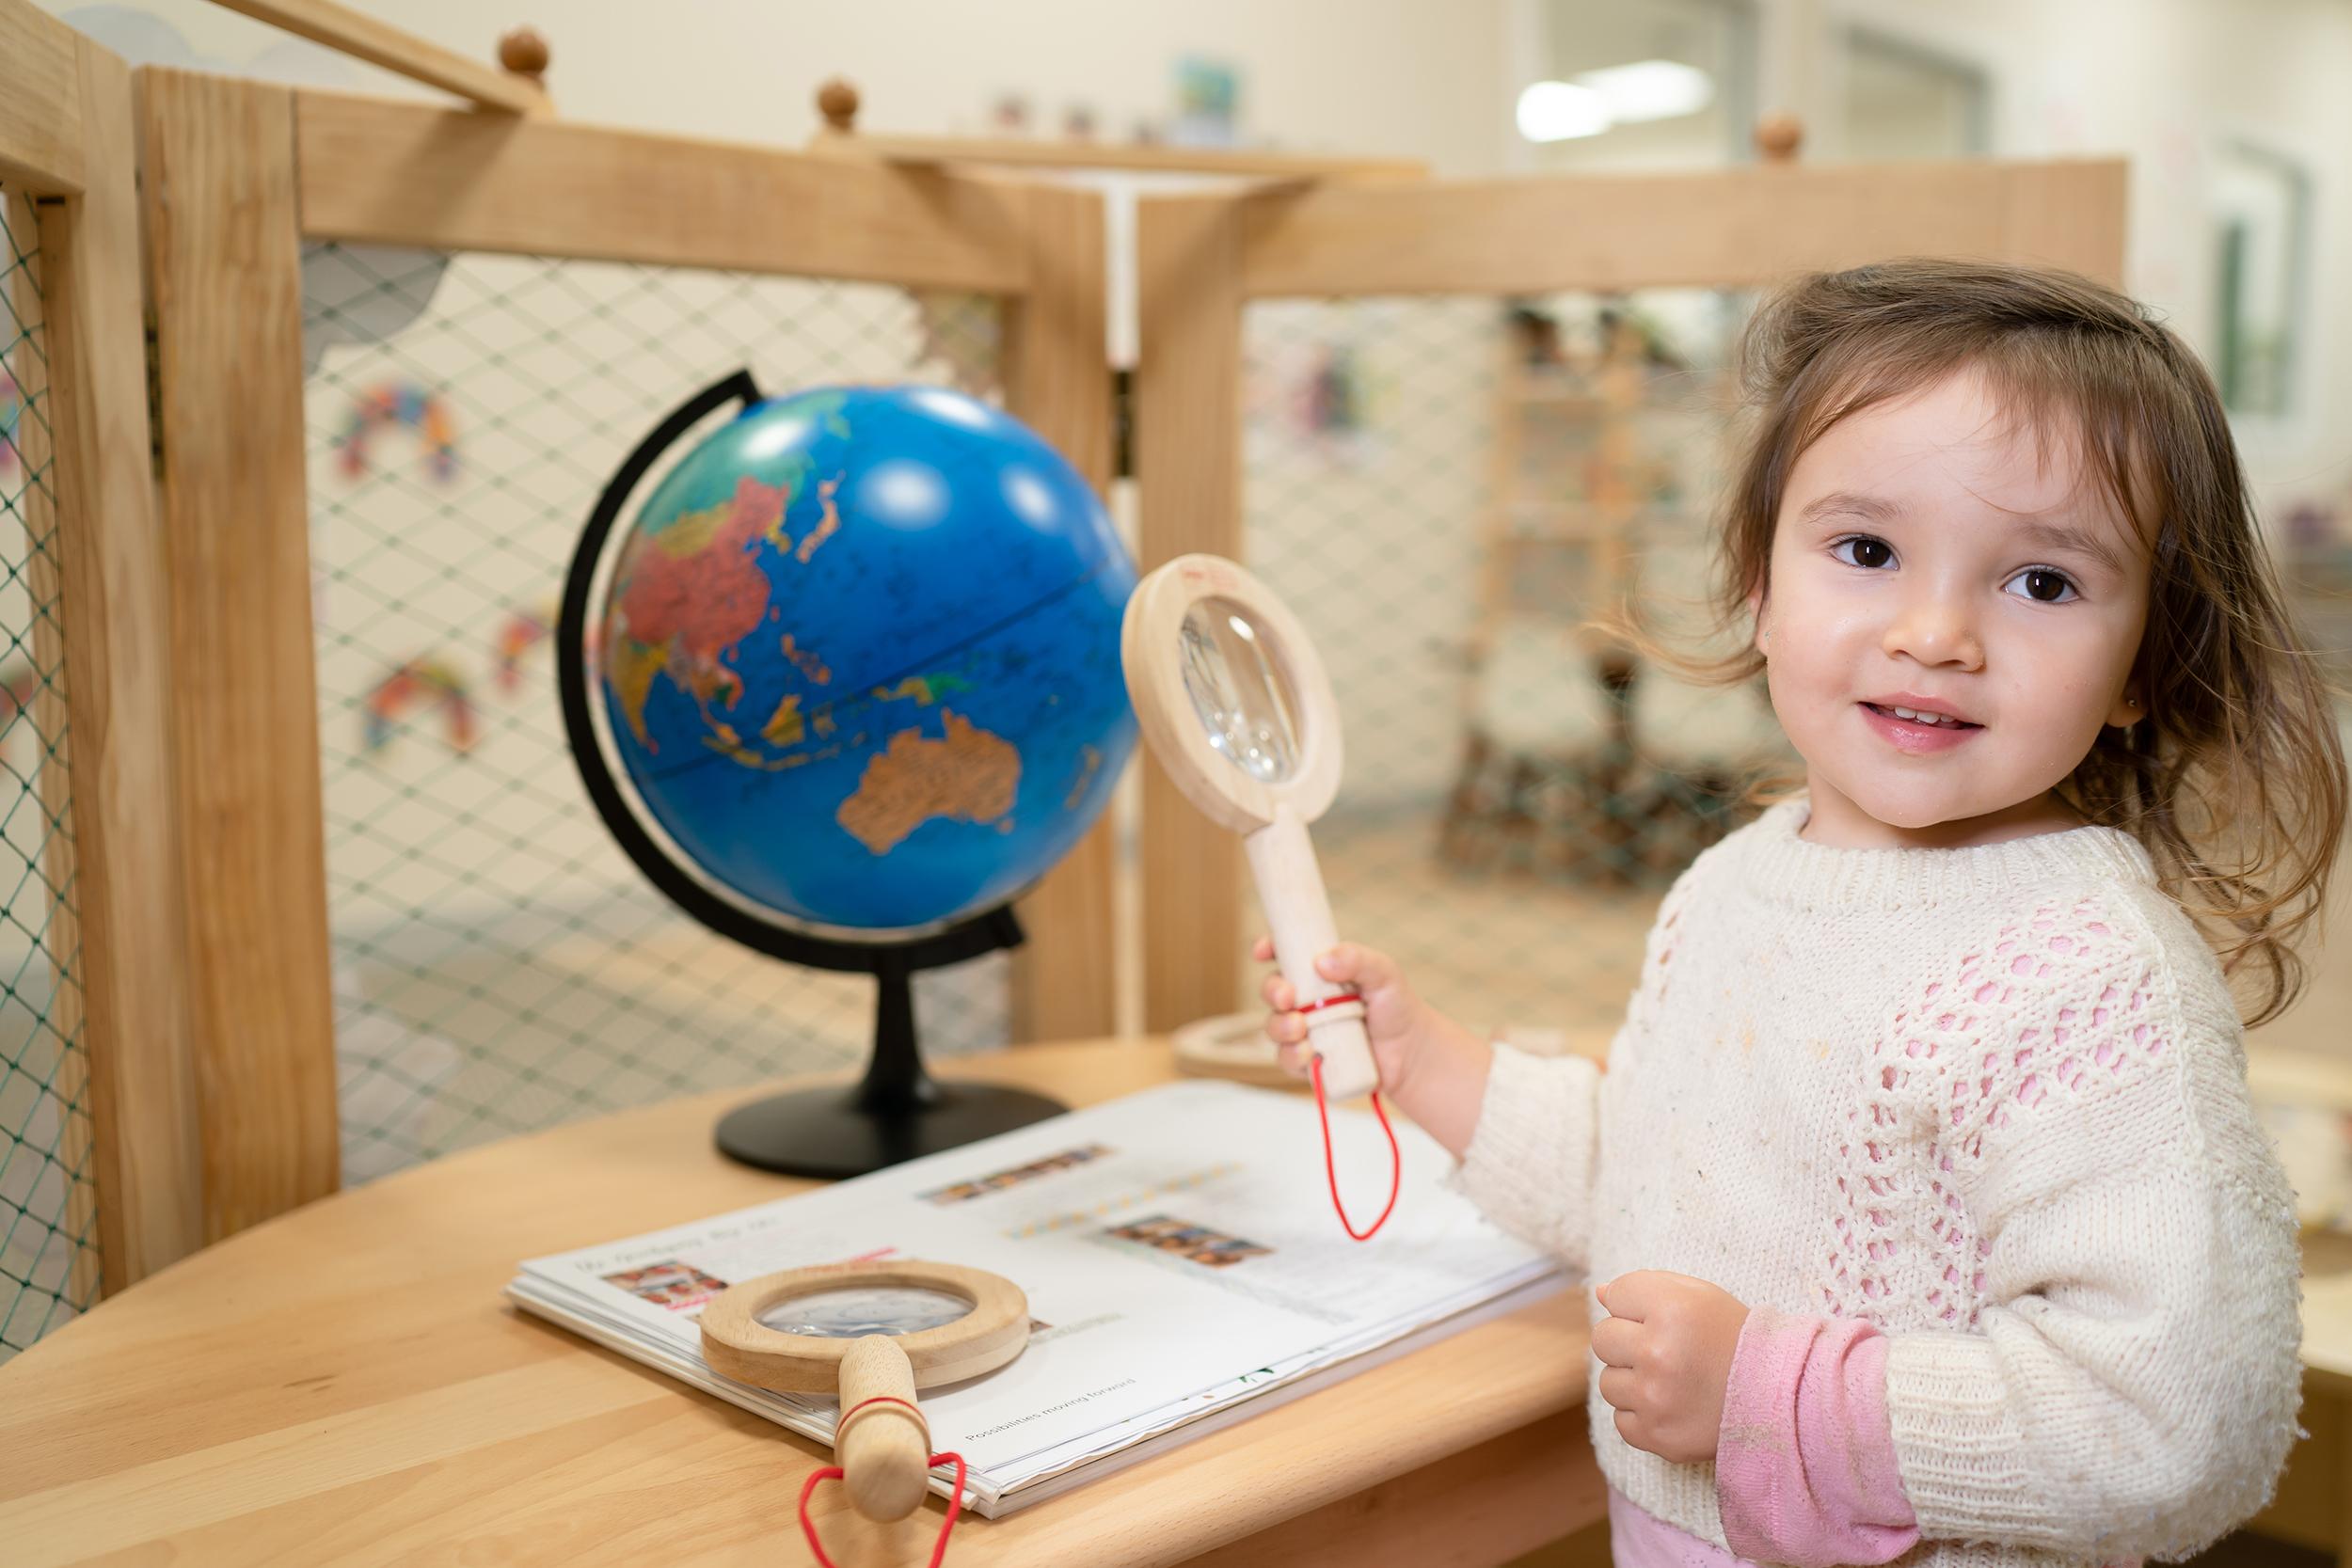 Girl looking at globe